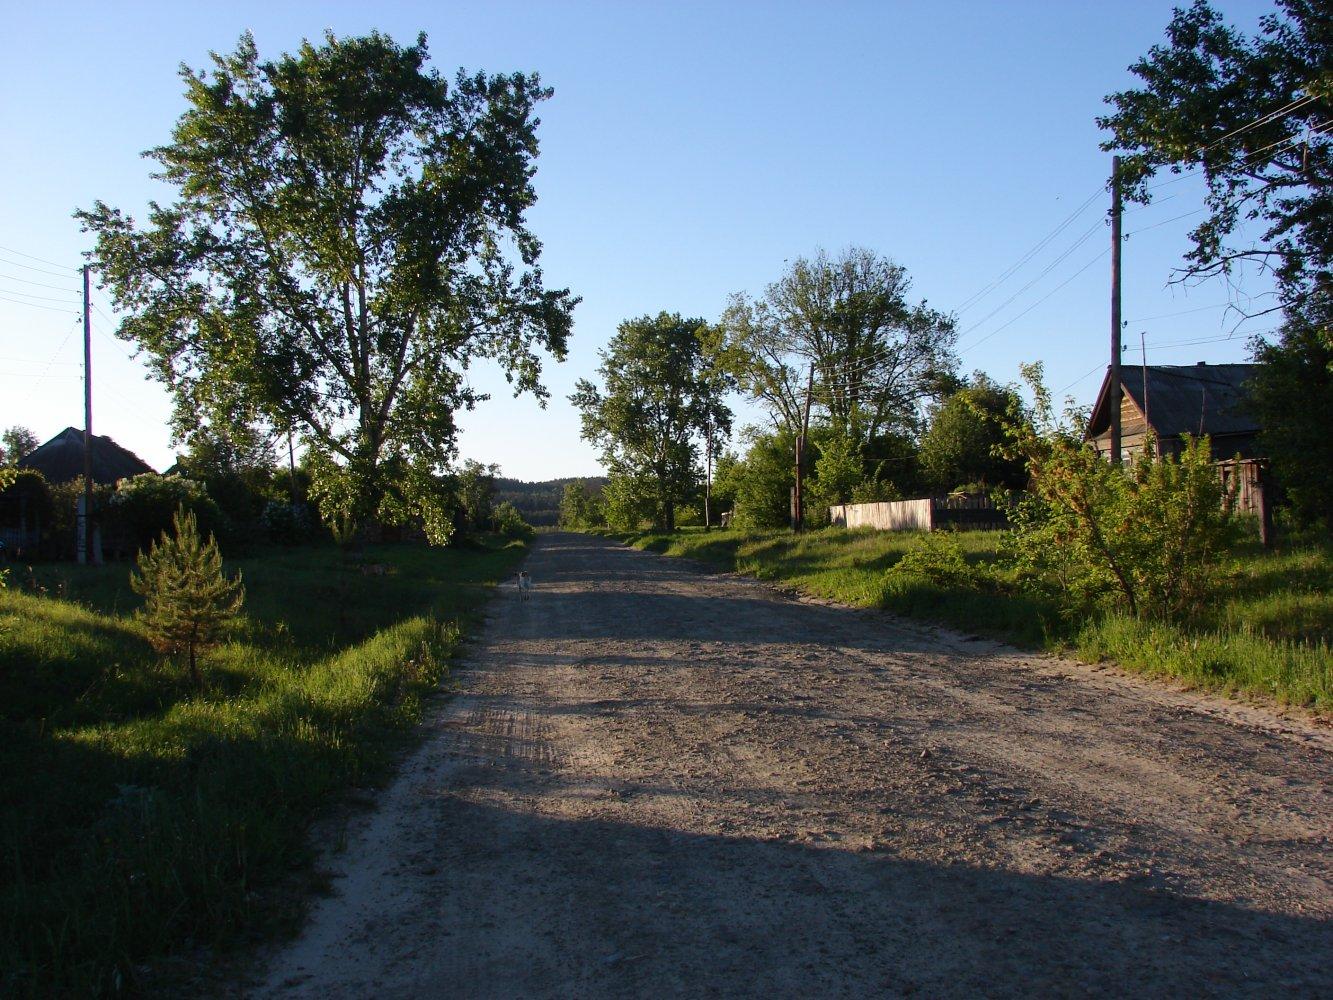 Фото DSC05111.JPG. Россия, Ульяновская область, Unnamed Road